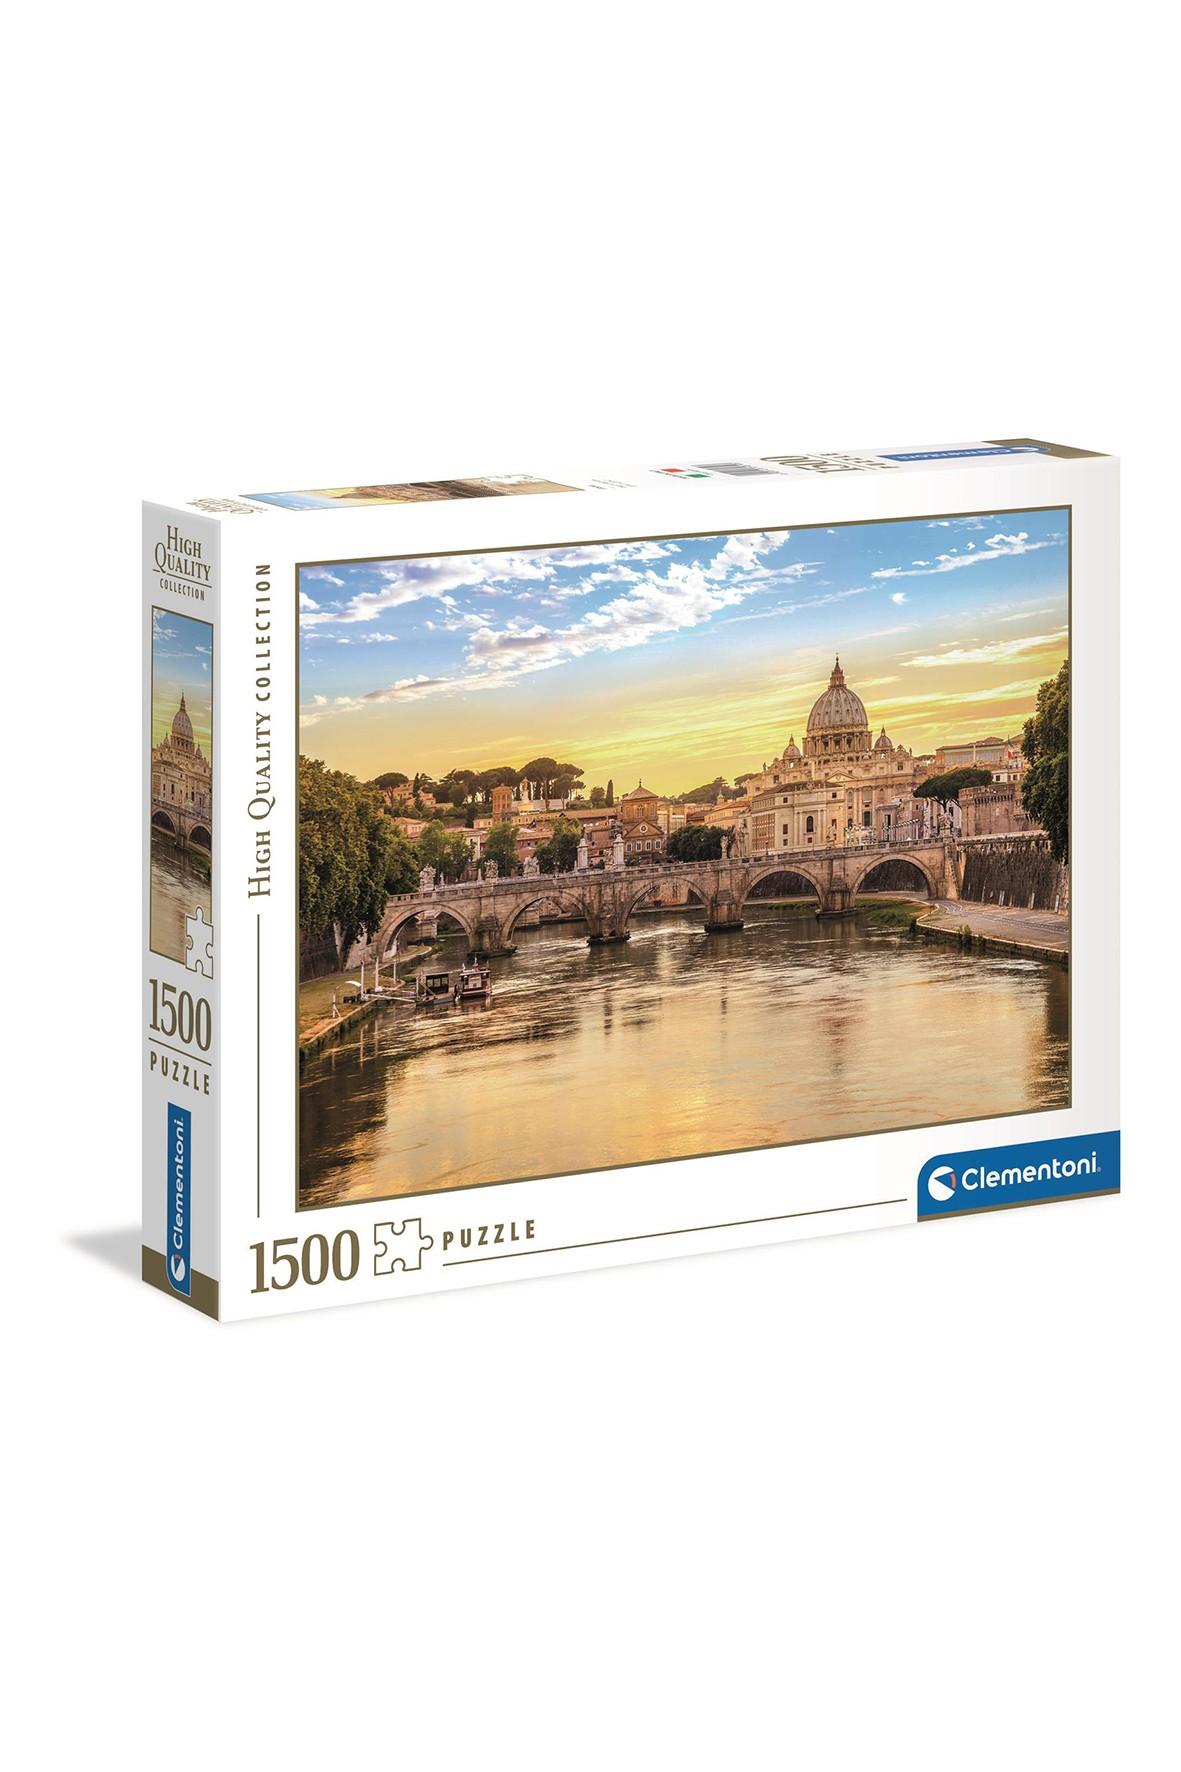 Puzzle Rzym Clementoni 31819 - 1500 elementów